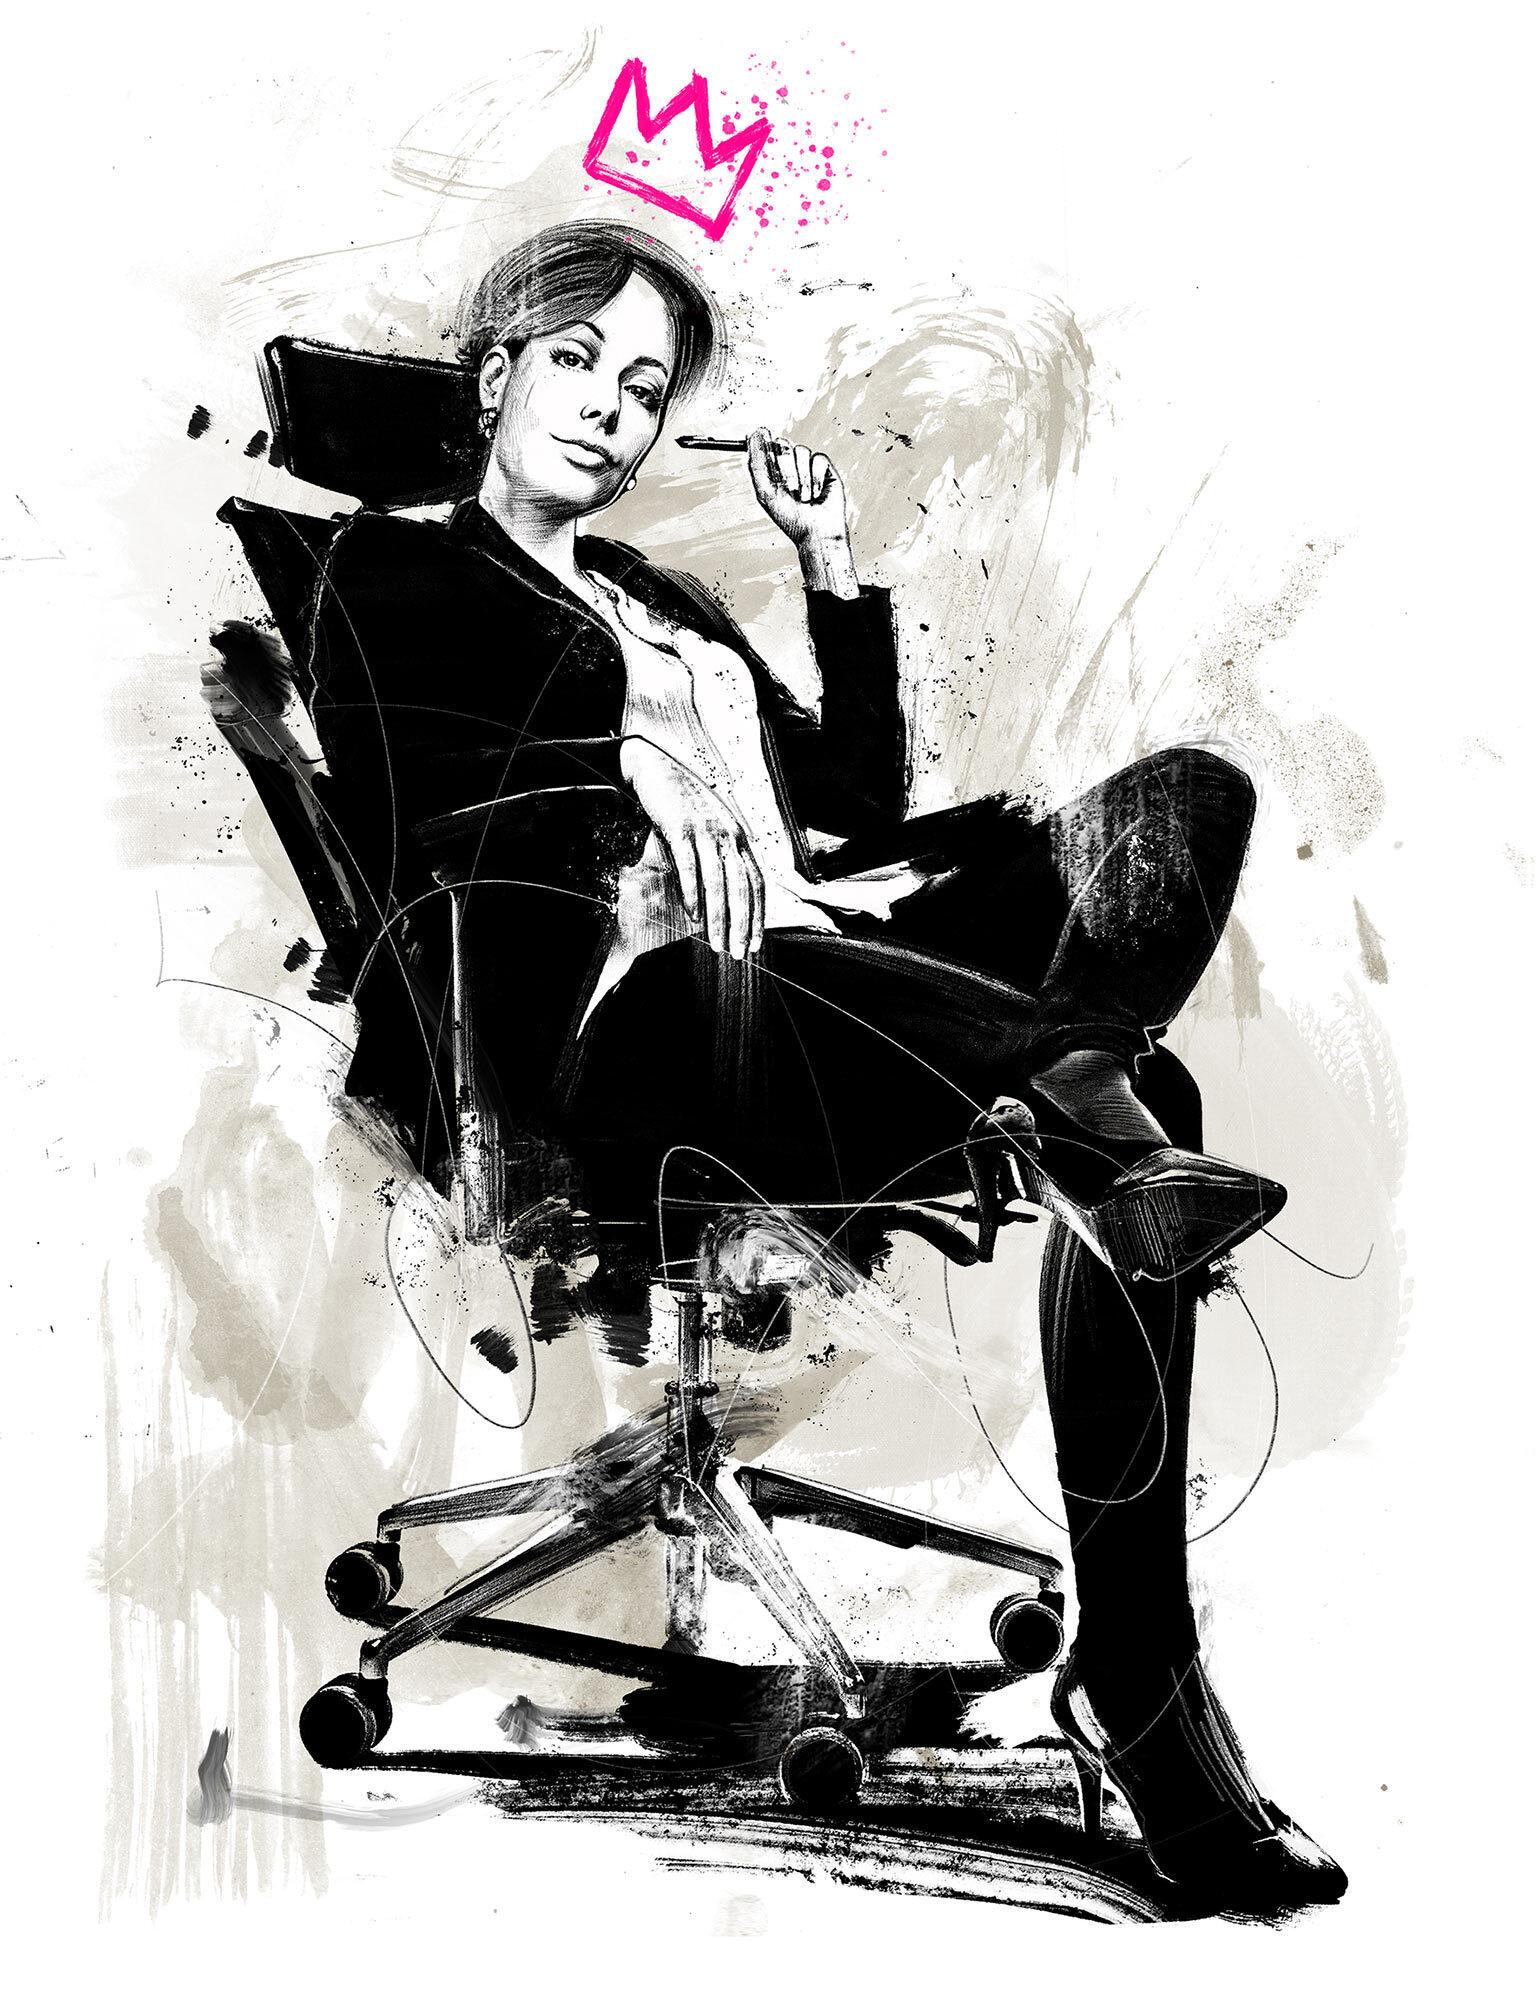 Women power boss business chief king illustration - Kornel Illustration   Kornel Stadler portfolio